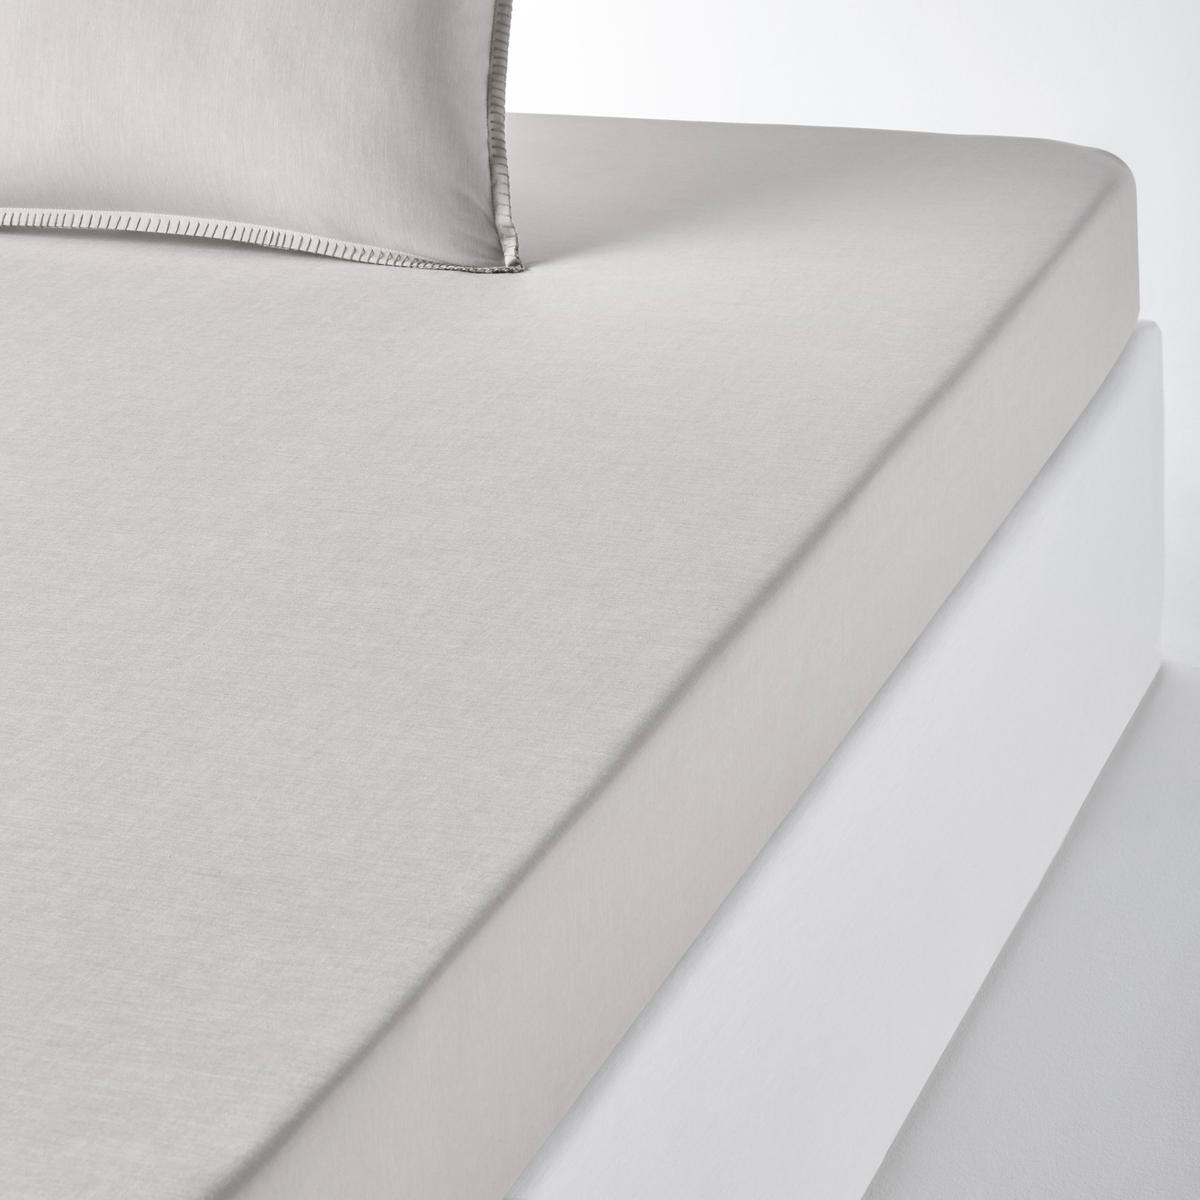 Простыня натяжная из шамбре, KOLZAХарактеристики натяжной простыни Kolza : Ткань шамбре, 100% хлопок, качество Best, 57 нитей/см? : чем больше нитей/см?, тем выше качество материала.Отделка в виде контрастных швов цвета небеленой ткани.Машинная стирка при 60 °С. Весь комплект постельного белья из шамбре Kolza Вы найдете на laredoute.ruЗнак Oeko-Tex® гарантирует, что товары прошли проверку и были изготовлены без применения вредных для здоровья человека веществ. Размеры : 90 x 190 см : 1-сп. 140 x 190 см : 2-сп. 160 x 200 см : 2-сп.180 x 200 см : 2-сп.<br><br>Цвет: желтый кукурузный,серо-зеленый,серо-коричневый,терракота<br>Размер: 160 x 200  см.160 x 200  см